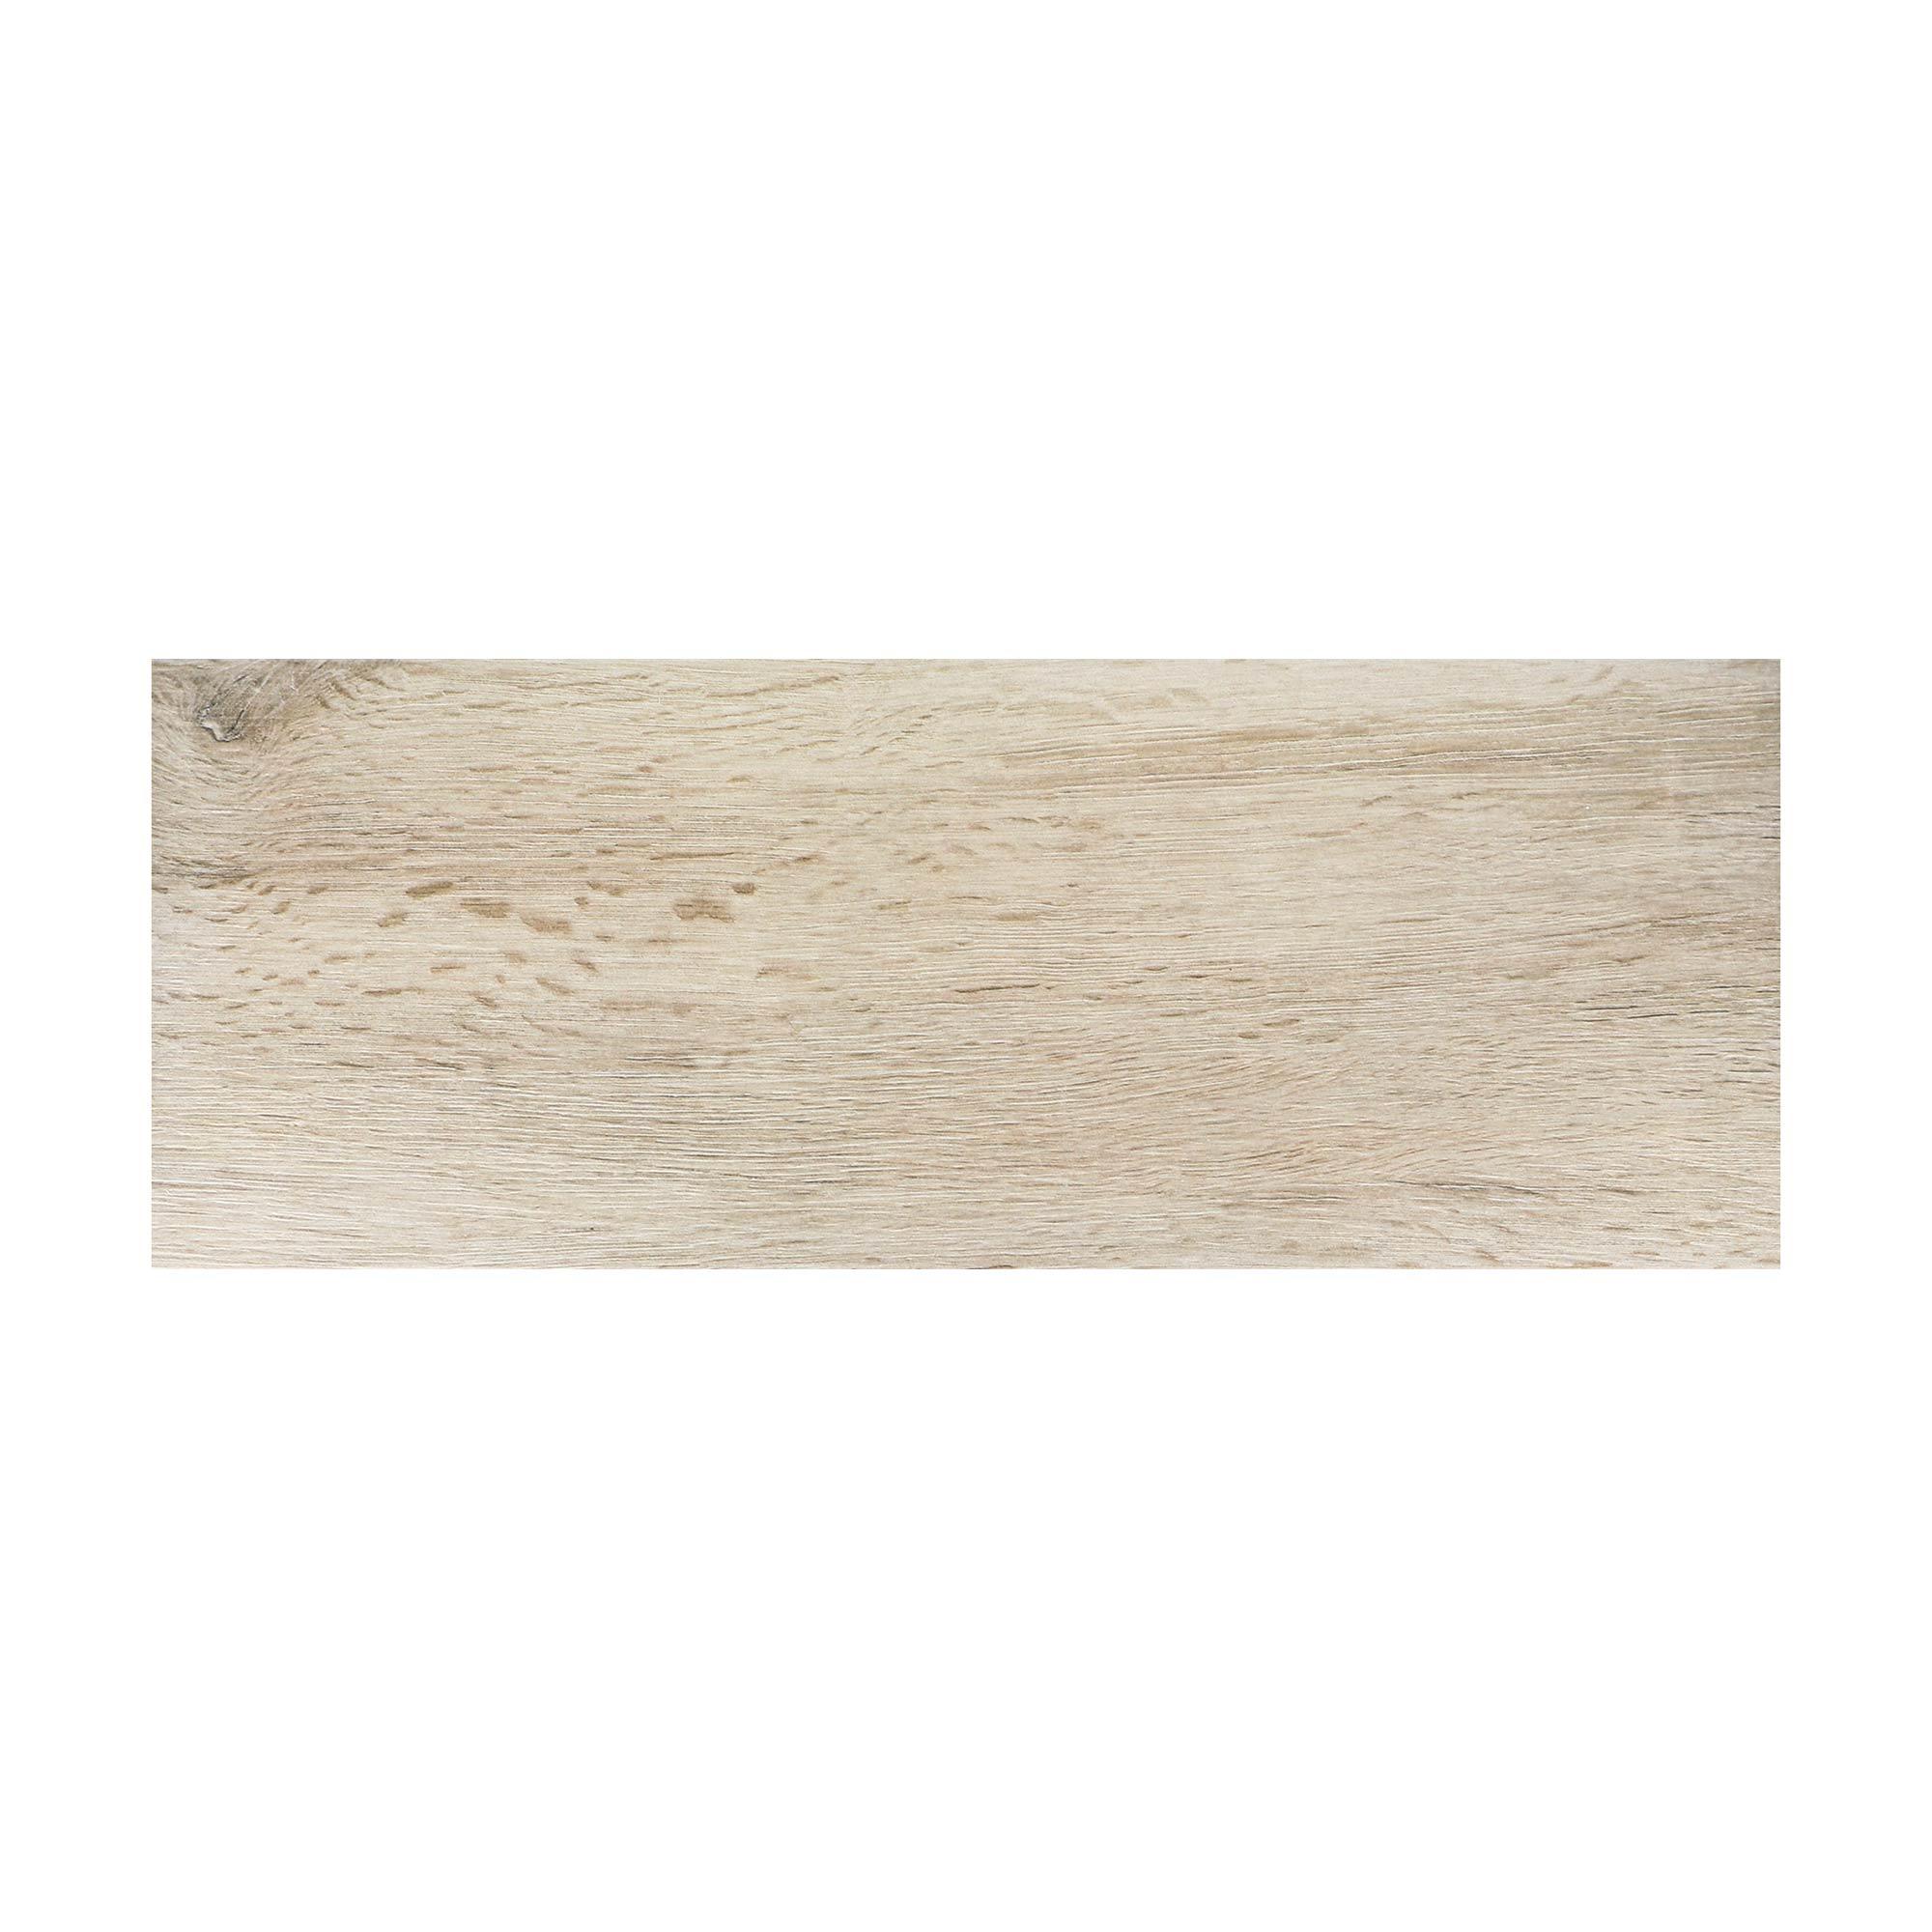 Плитка напольная Cifre hampton almond 22.5x60 уп11 плитка напольная cifre hampton almond 22 5x60 уп11